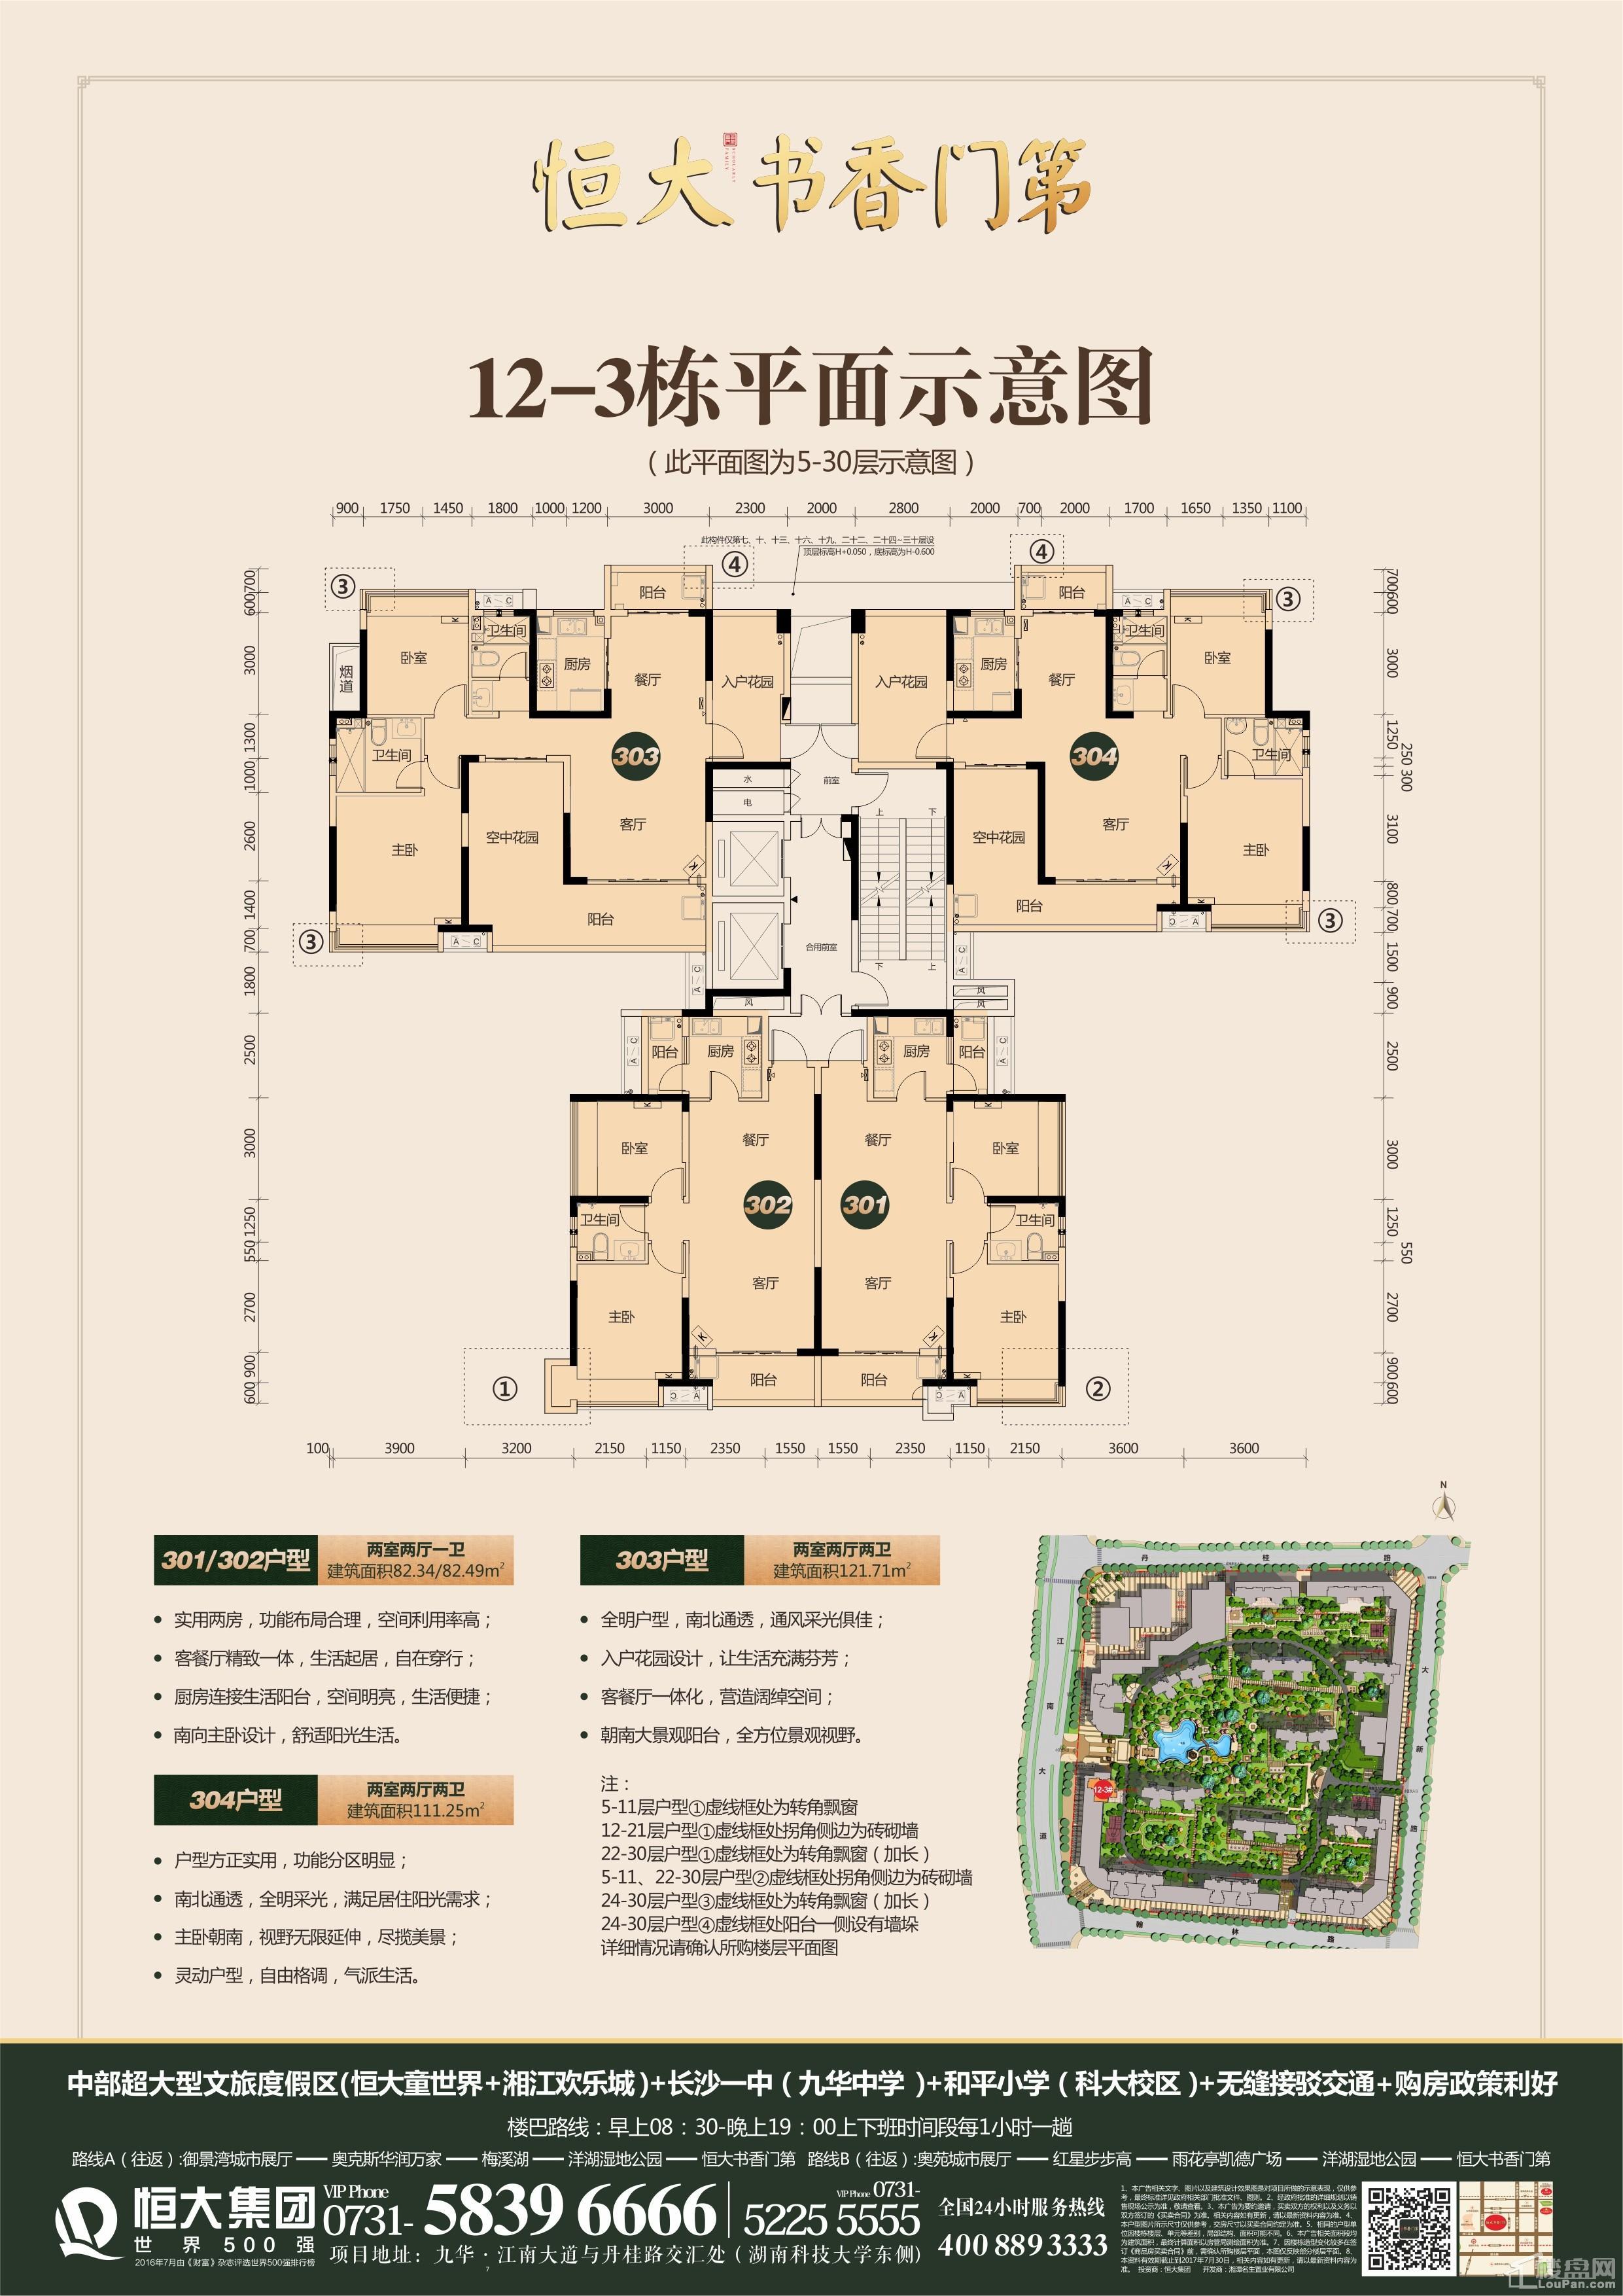 湘潭恒大书香门第12号栋户型图